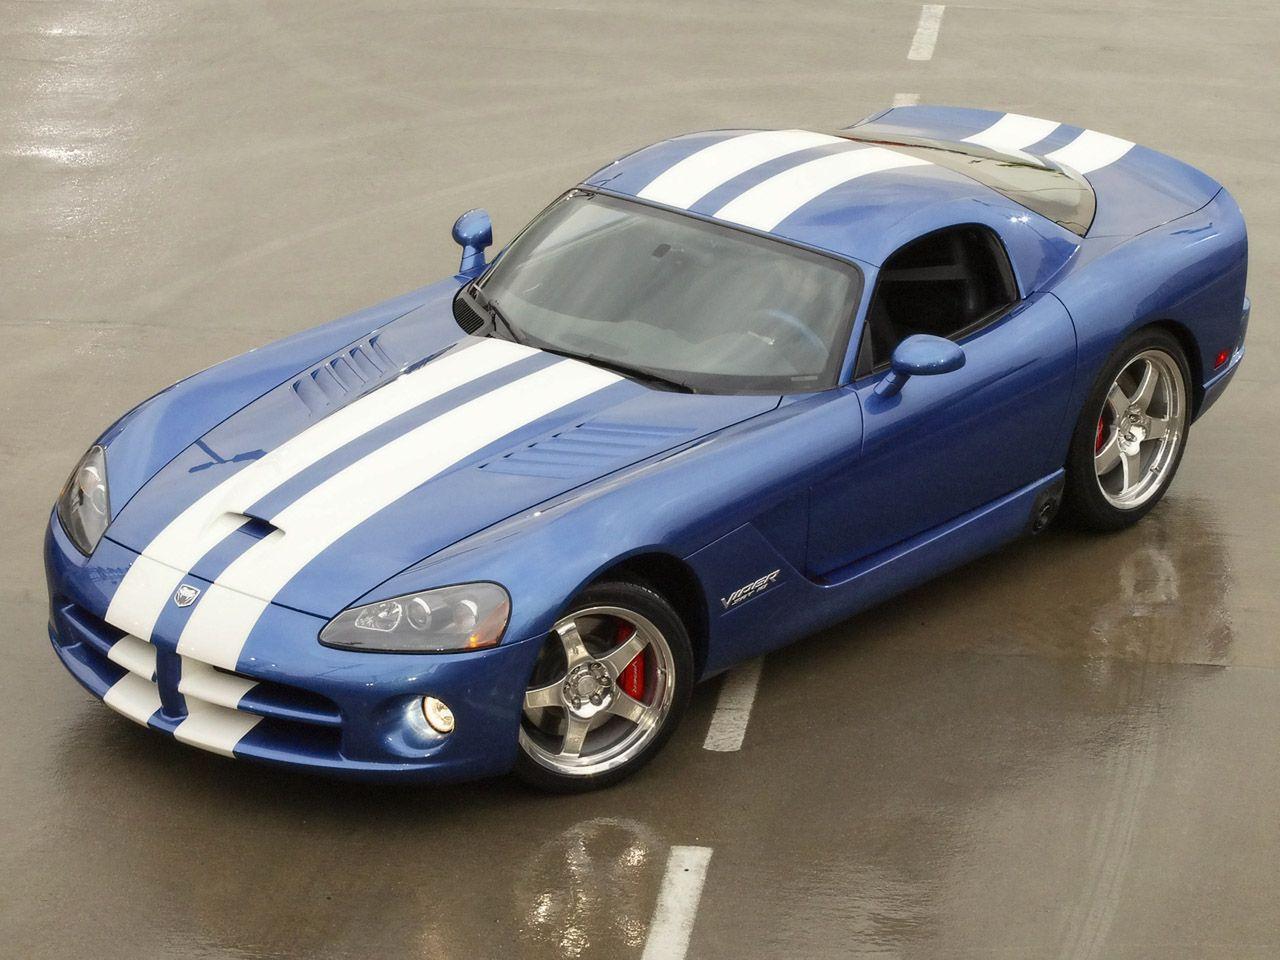 2006 Dodge Viper SRT10 Coupe Picture